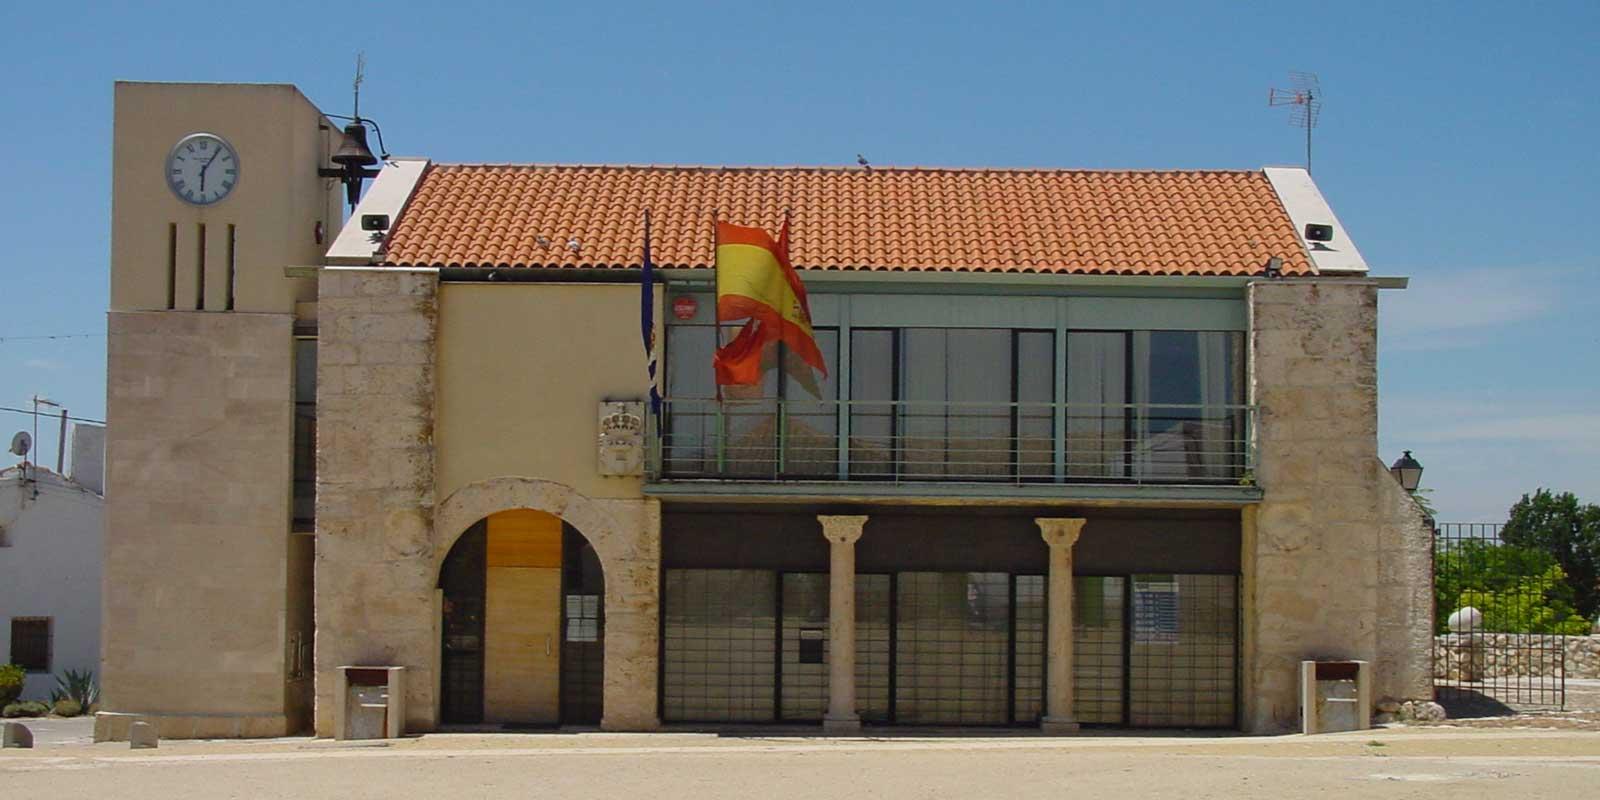 Foto cedida por Ayuntamiento de Pozuelo del Rey